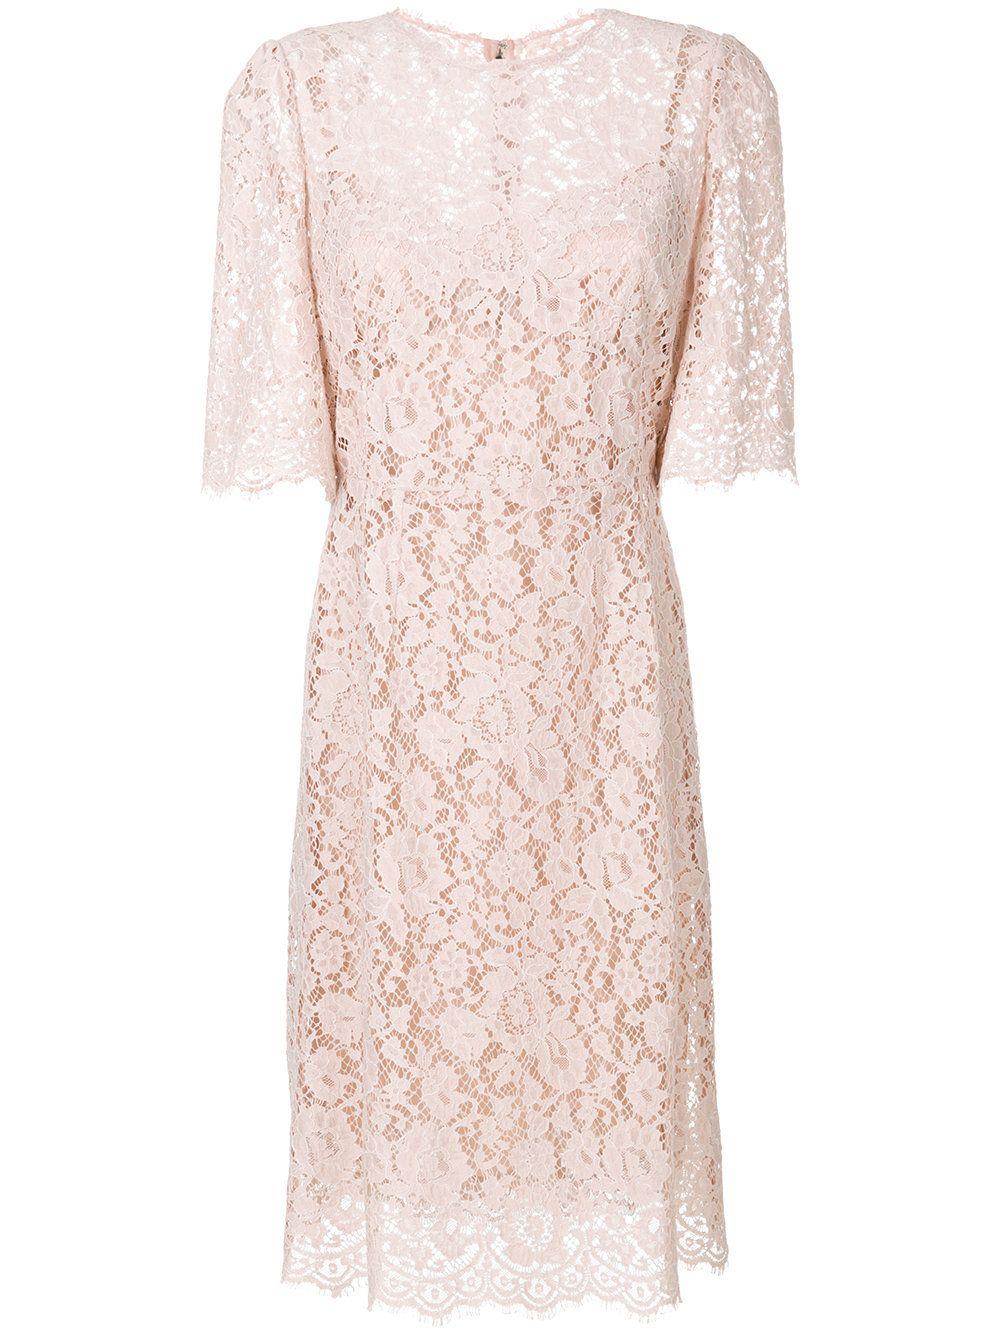 Lace dress pink  Dolce u Gabbana floral lace dress  Pink u Purple  fashion